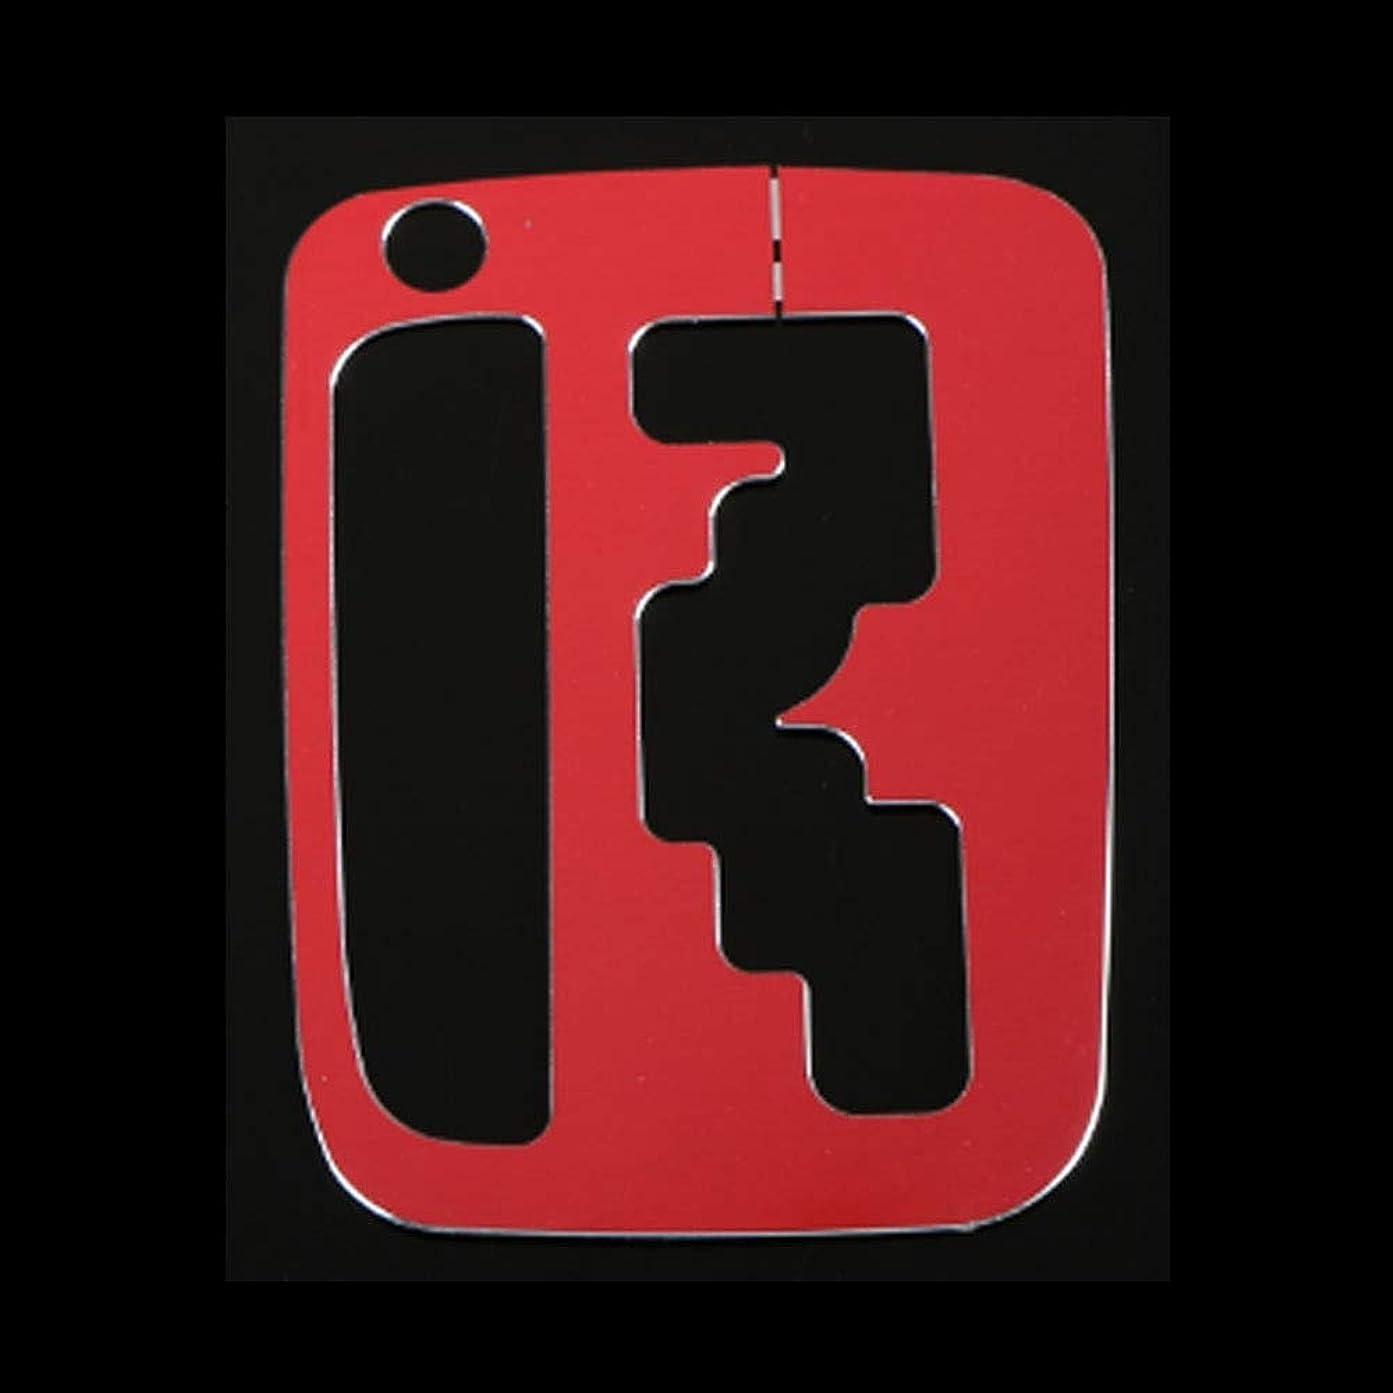 枕シュート強制的Jicorzo - Interior Gear Shift Box Cover Trim Console Transfer Frame Car-Styling Aluminum Alloy For Suzuki Jimny 2012-2016 Car Accessories [Red]